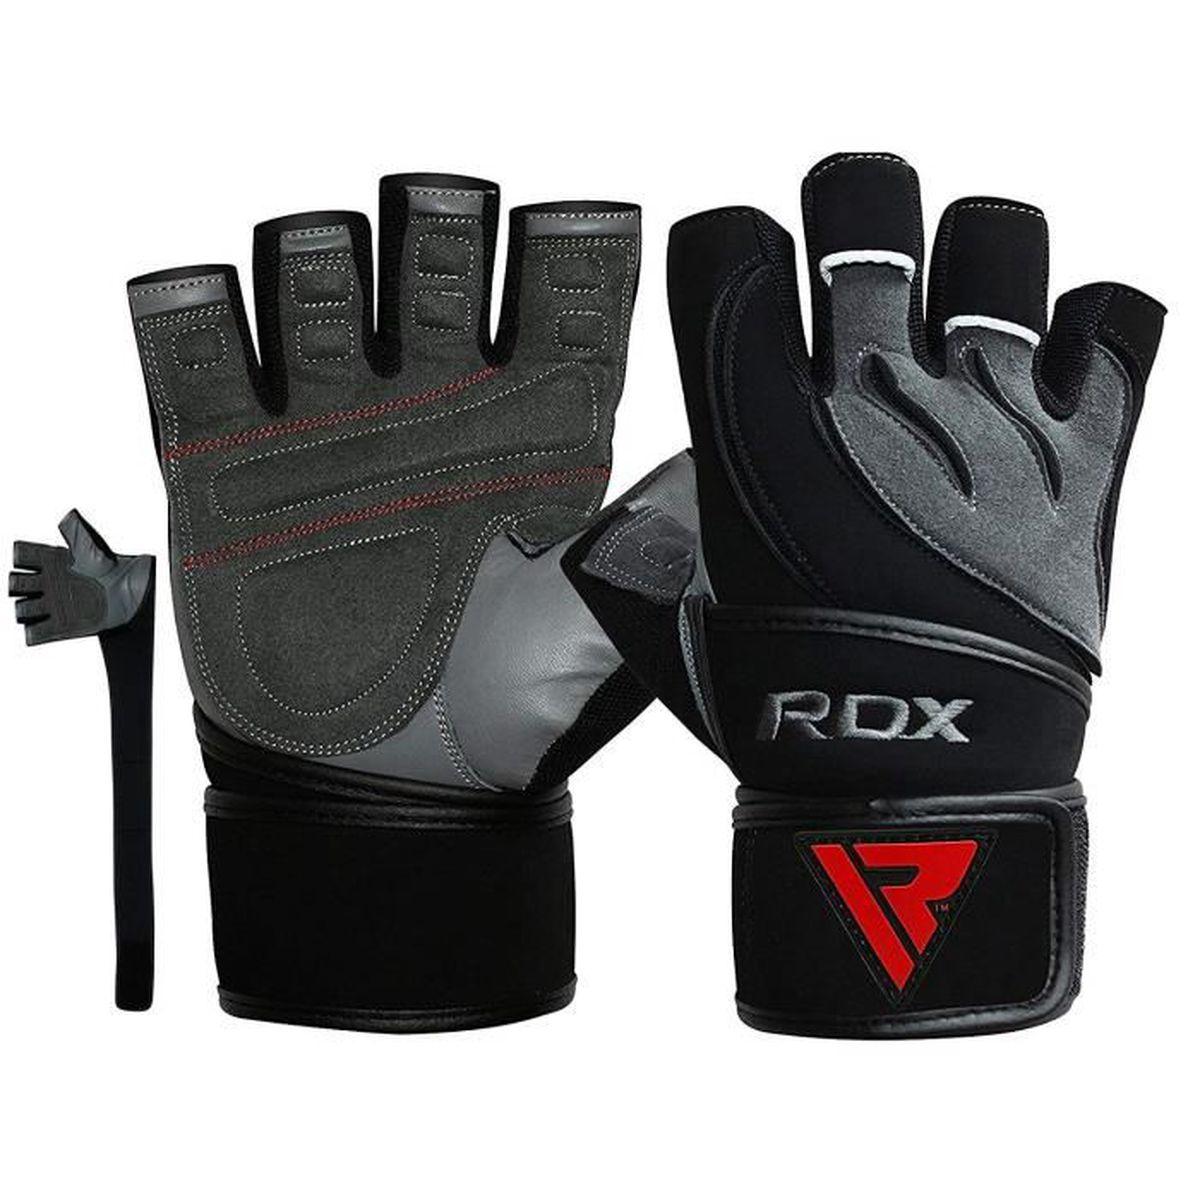 RDX Gants de Musculation Poignet Workout Entrainement Lycra Powerlifting Entra/înement La Musculation Aptitude Faire des Exercices